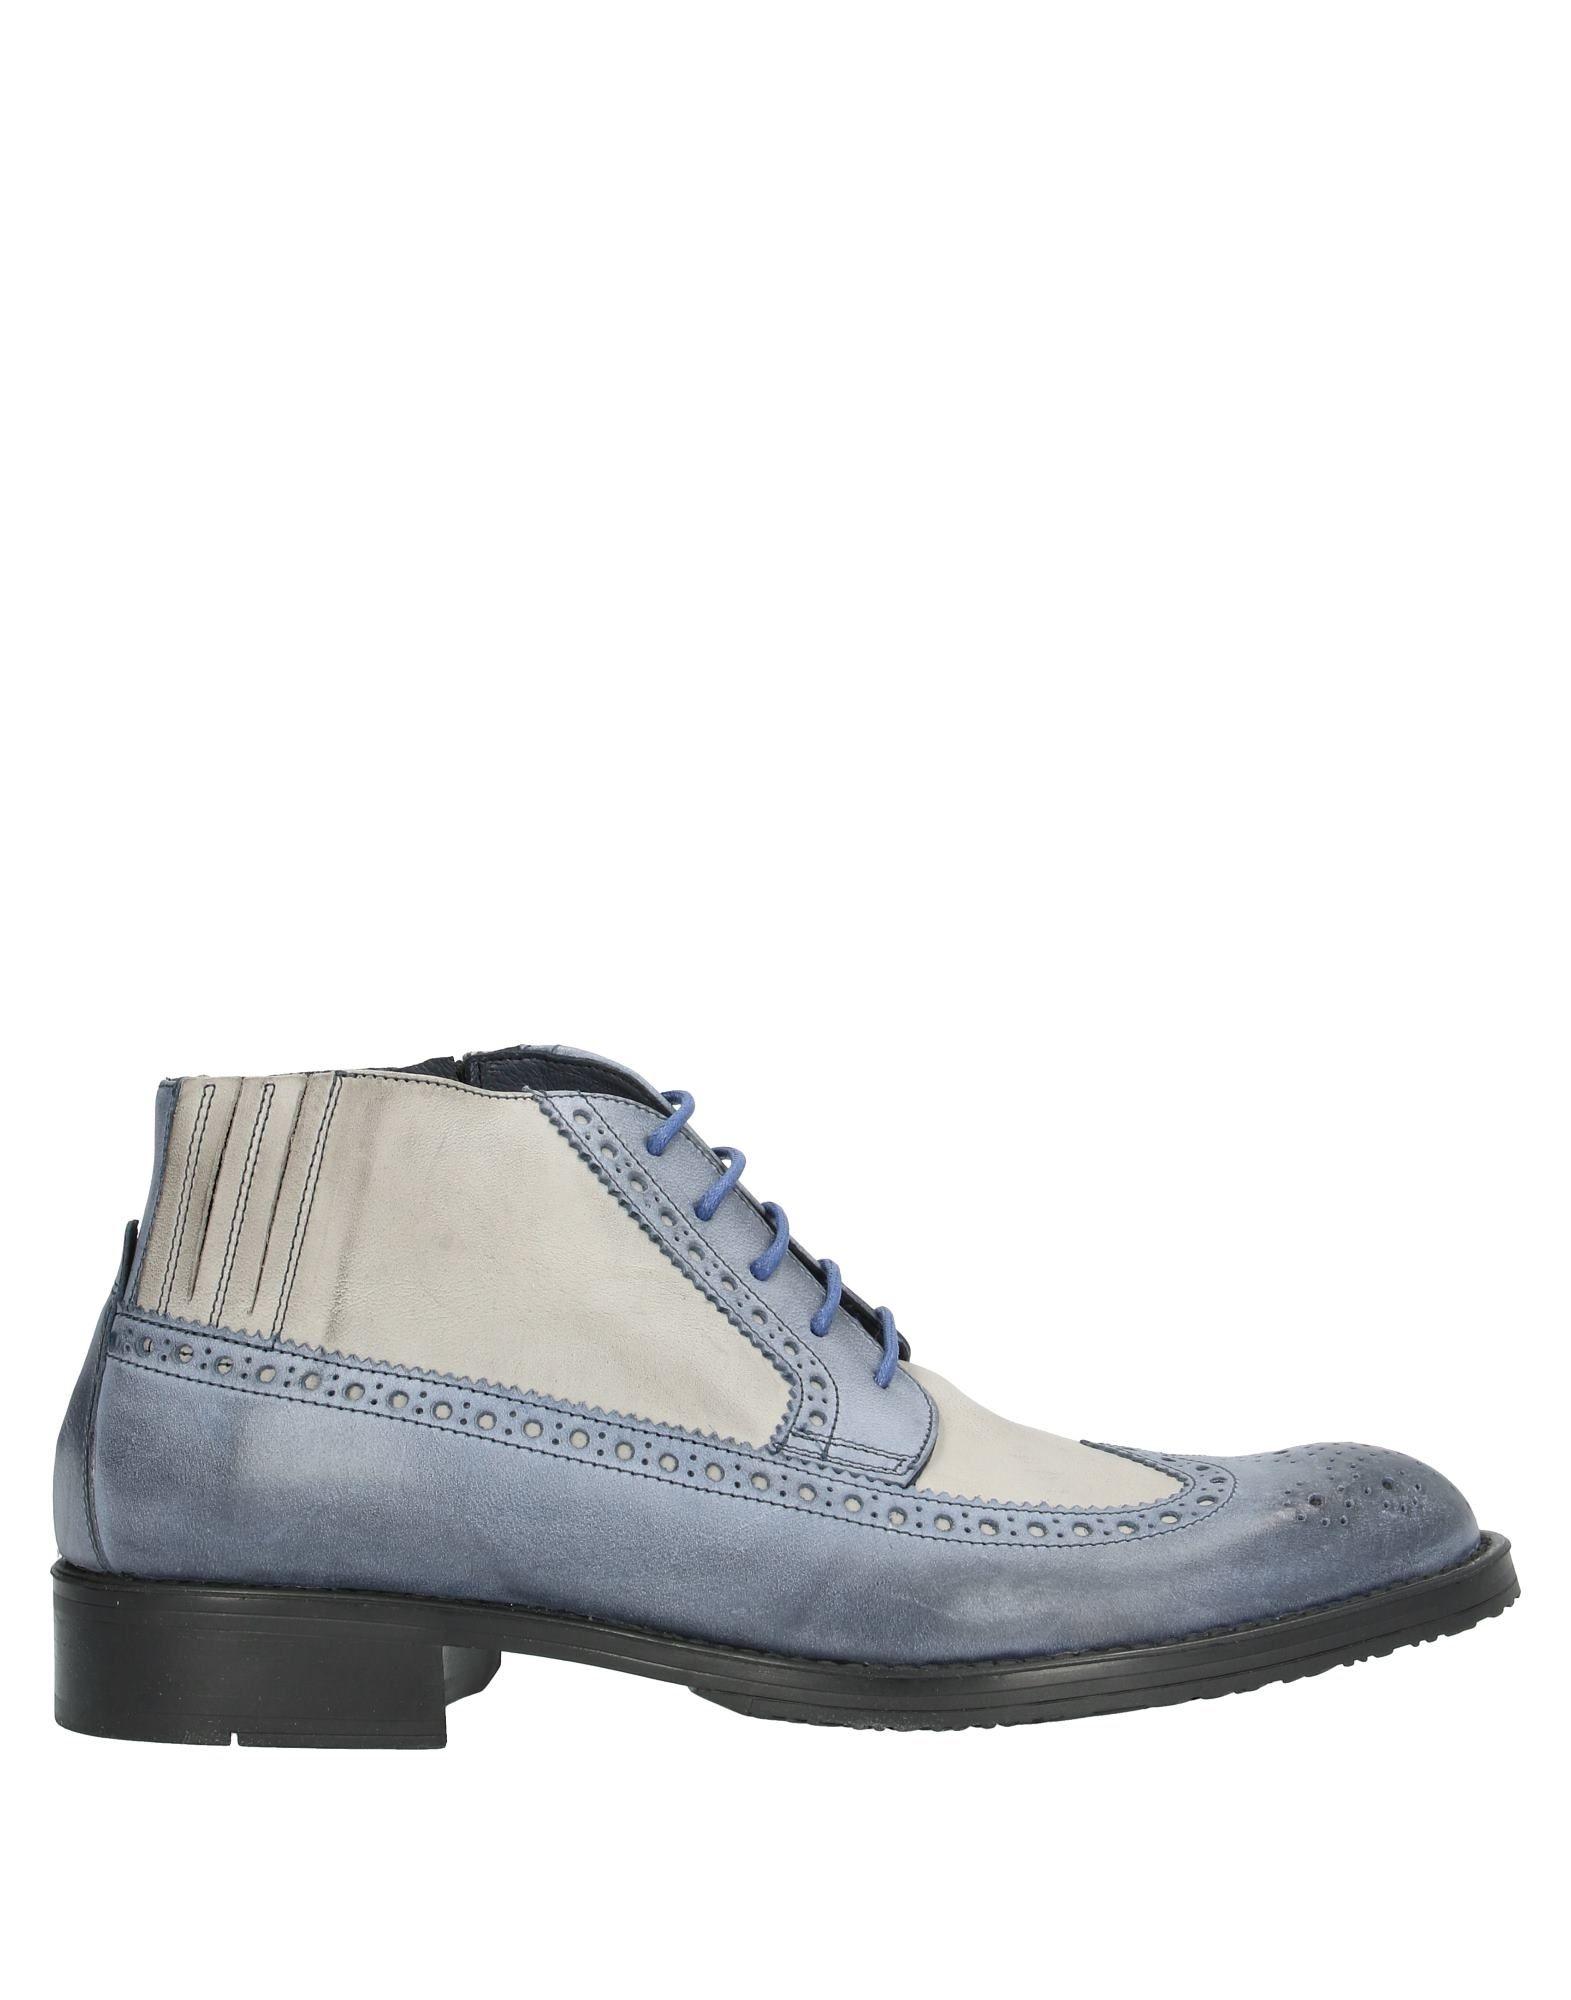 SANDRO RAMADORI® Полусапоги и высокие ботинки цены онлайн